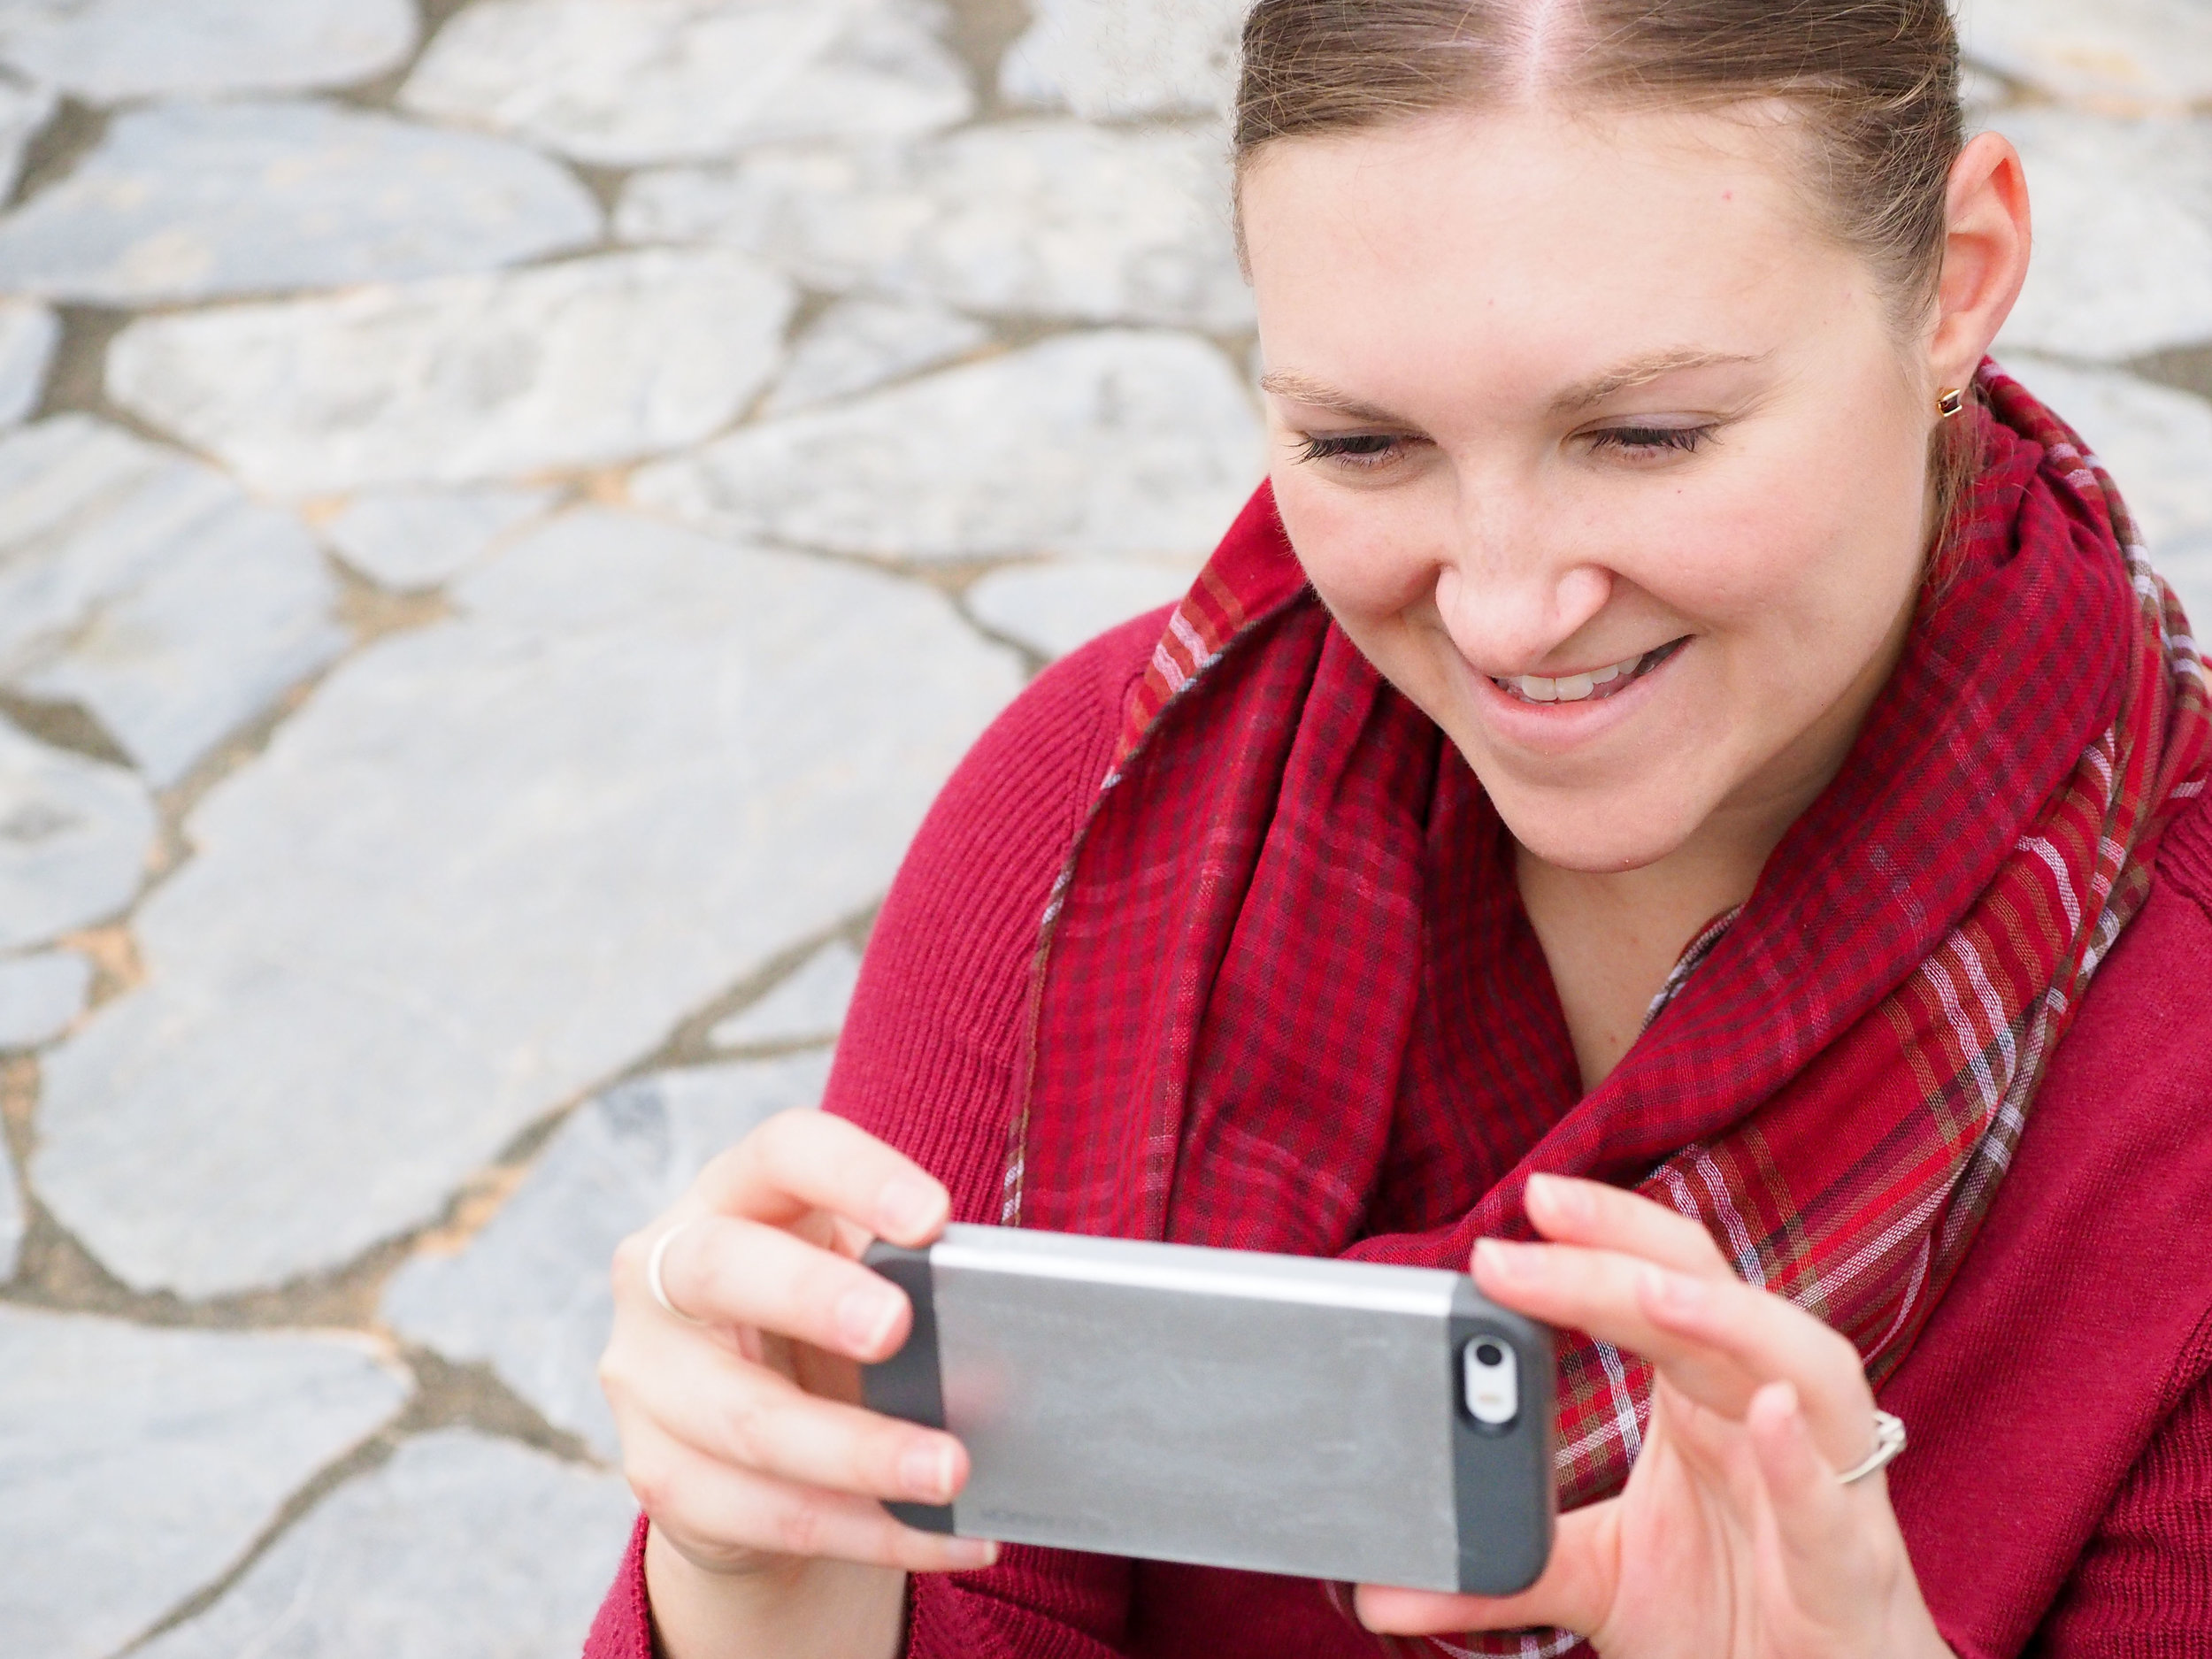 kristen leigh king taking iphone photos